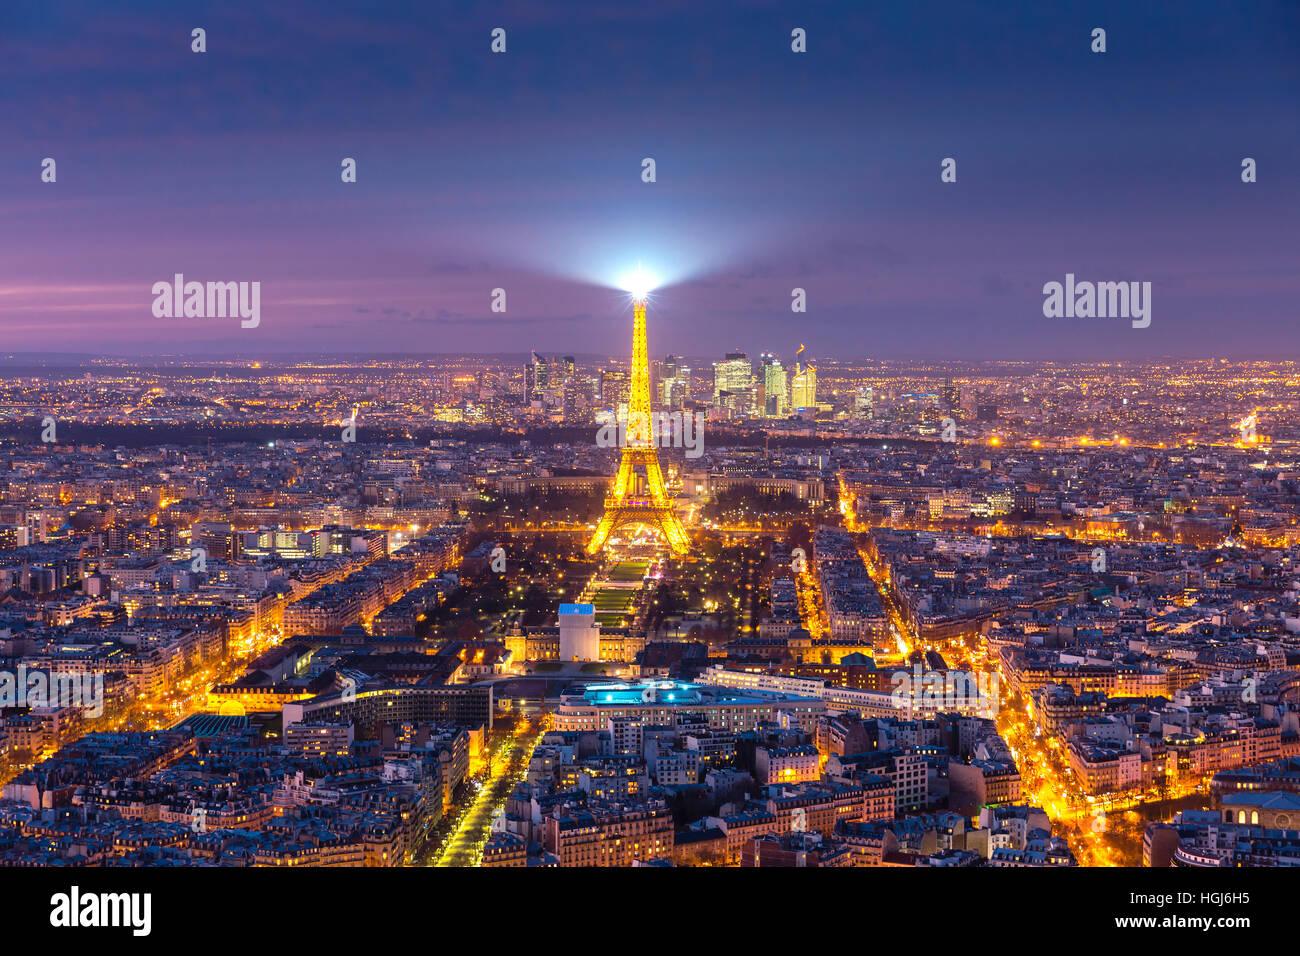 Vue aérienne de la Tour Eiffel à Paris, France Photo Stock